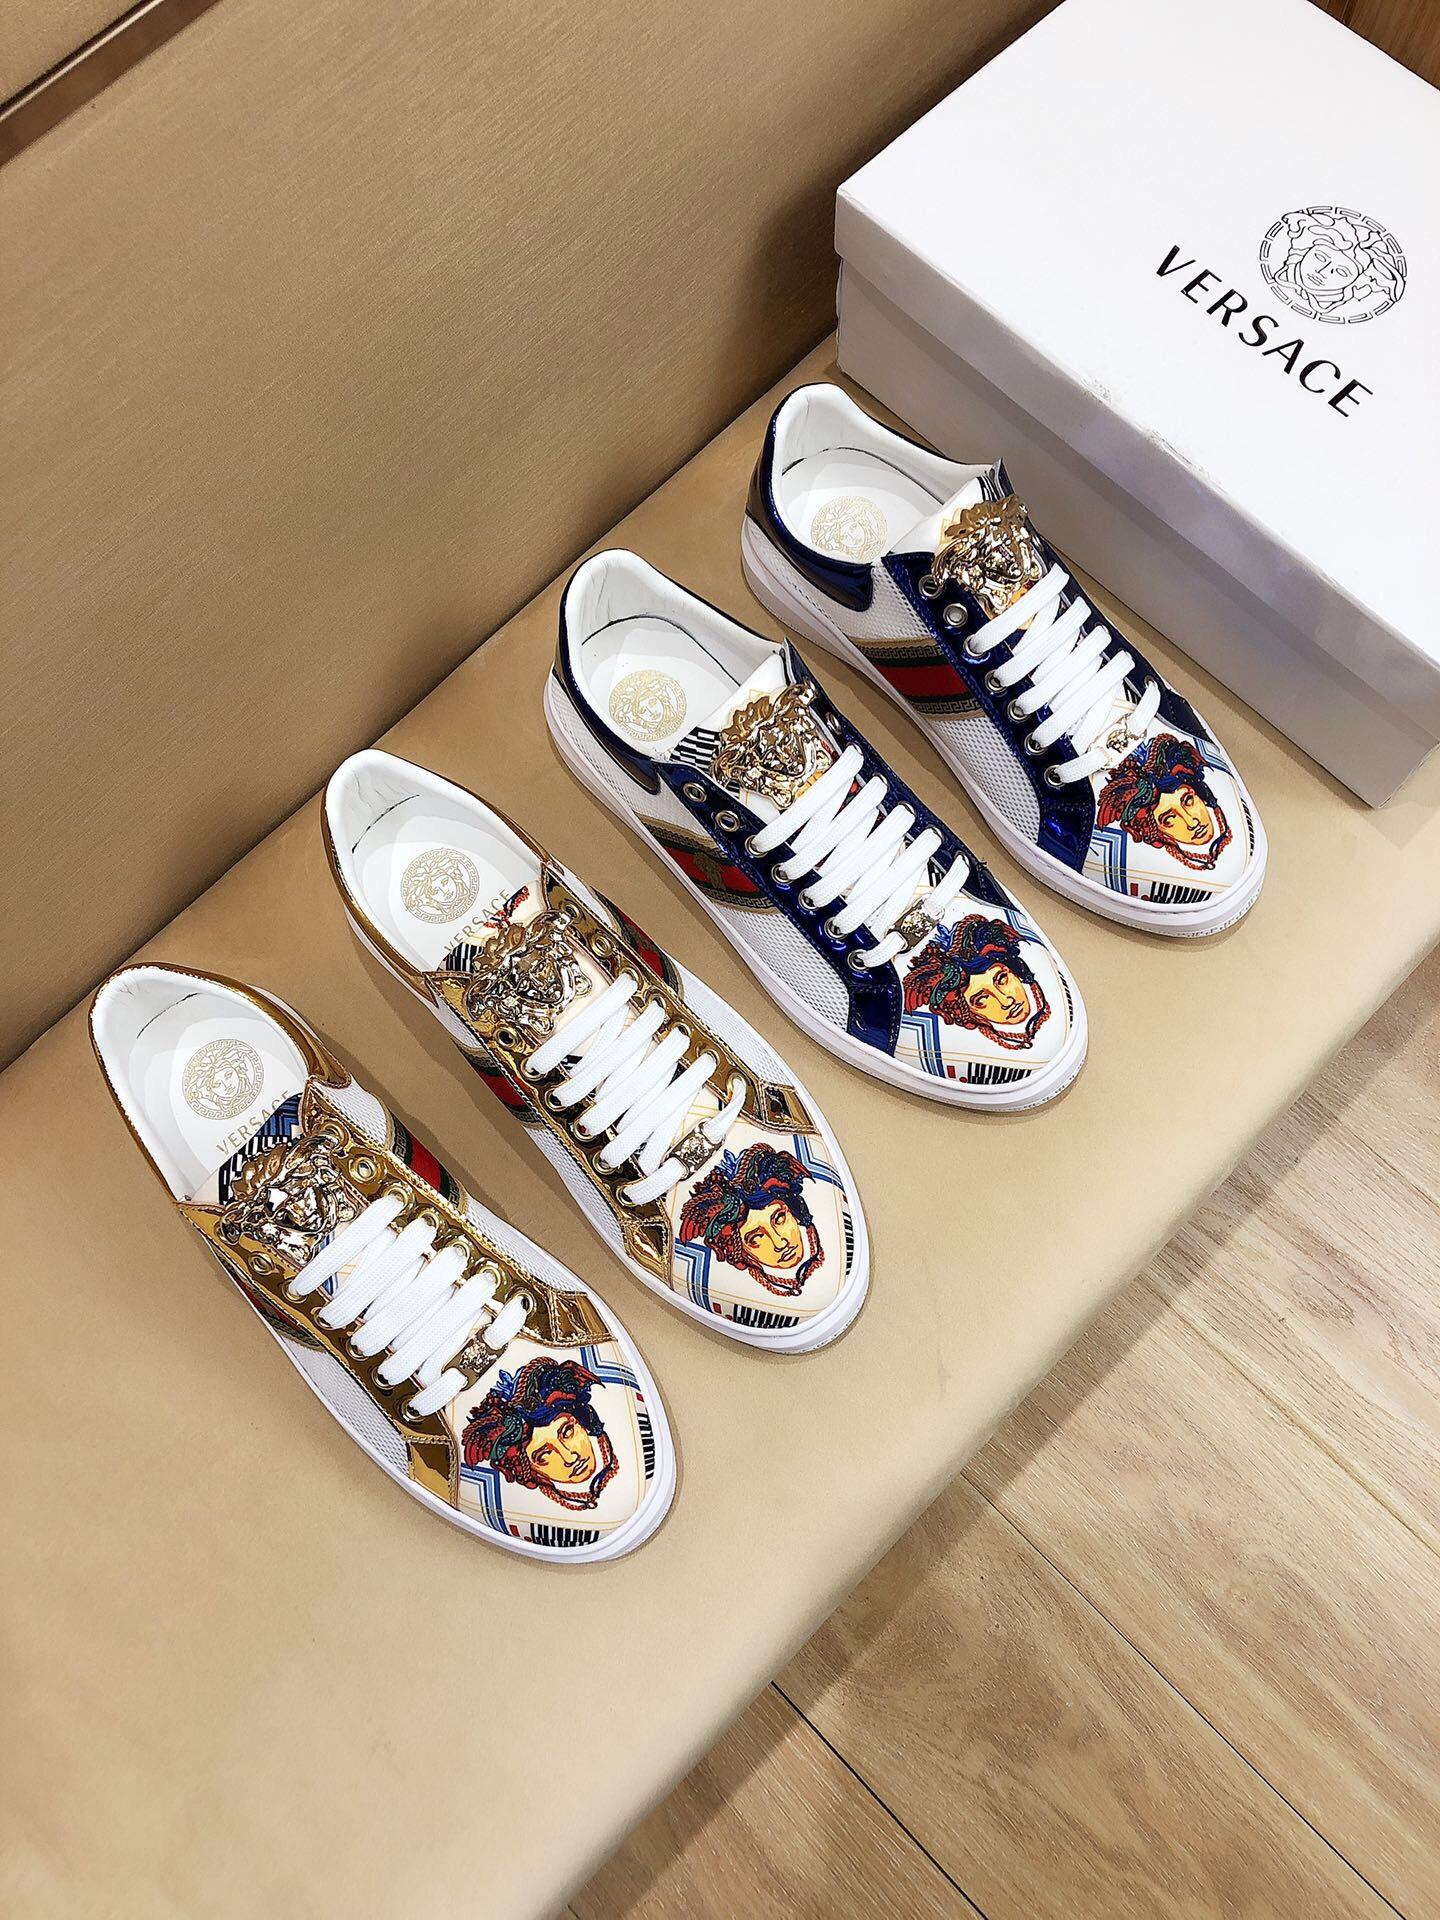 Giày Versace siêu cấp là lựa chọn với những bạn tài chính còn eo hẹp